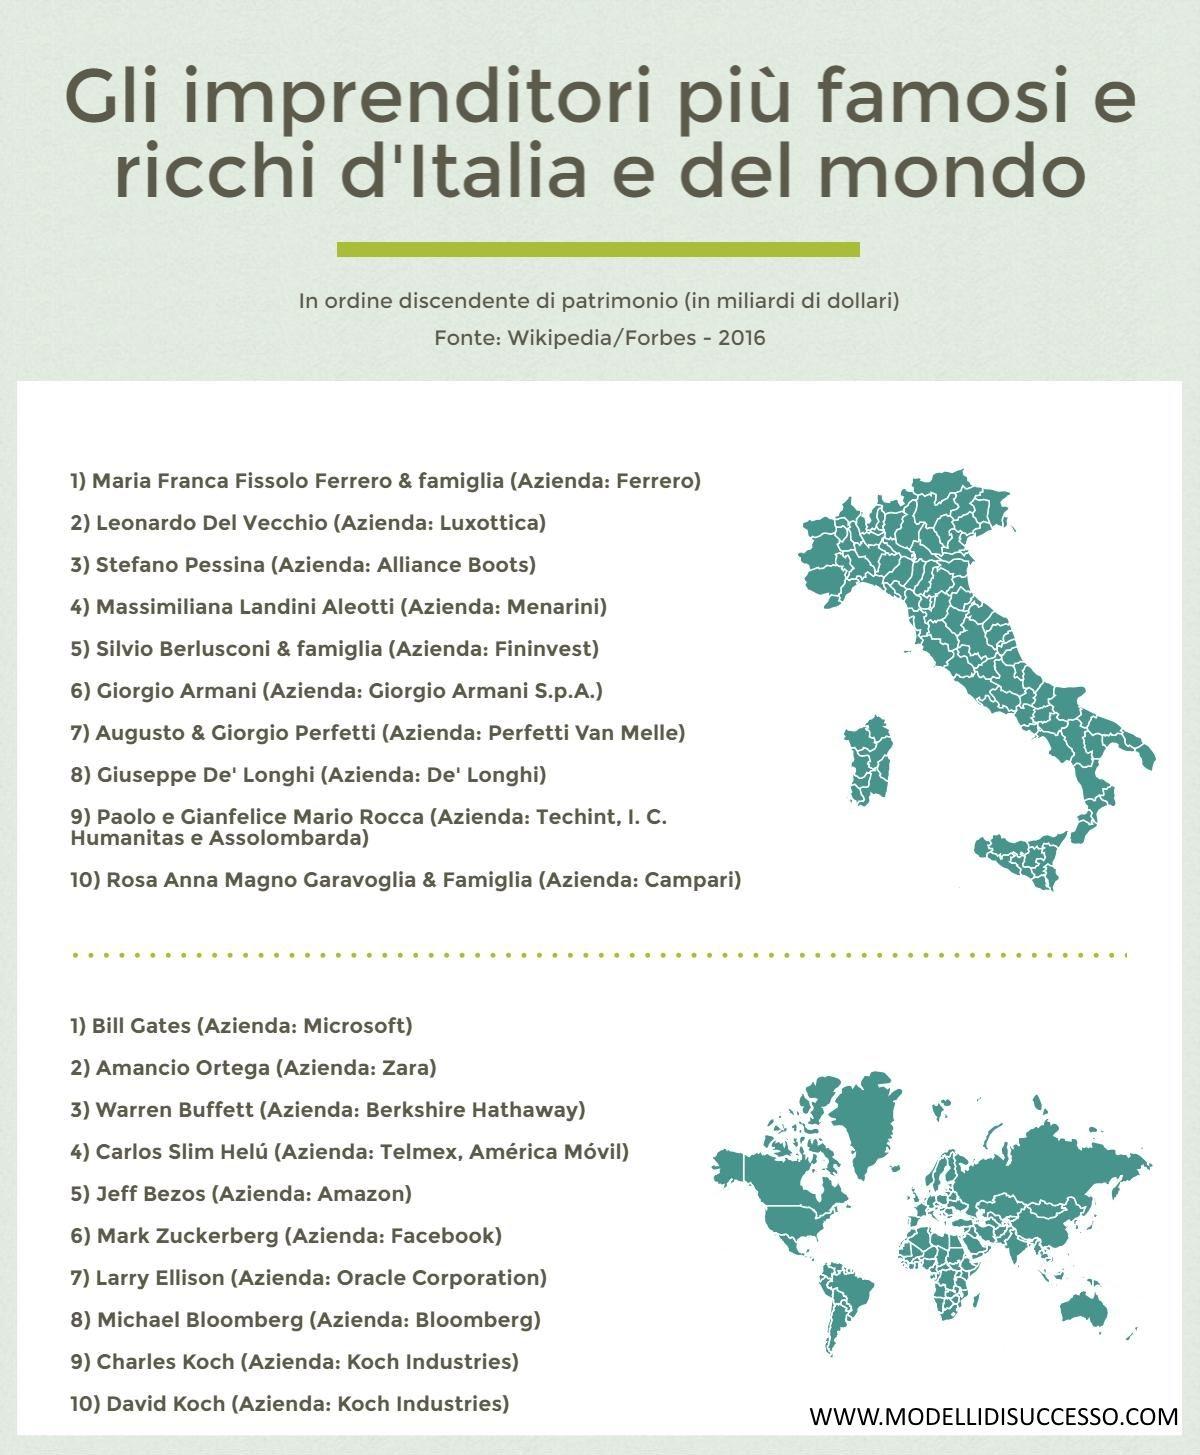 Gli imprenditori più famosi d'Italia e del mondo - Modelli di Successo